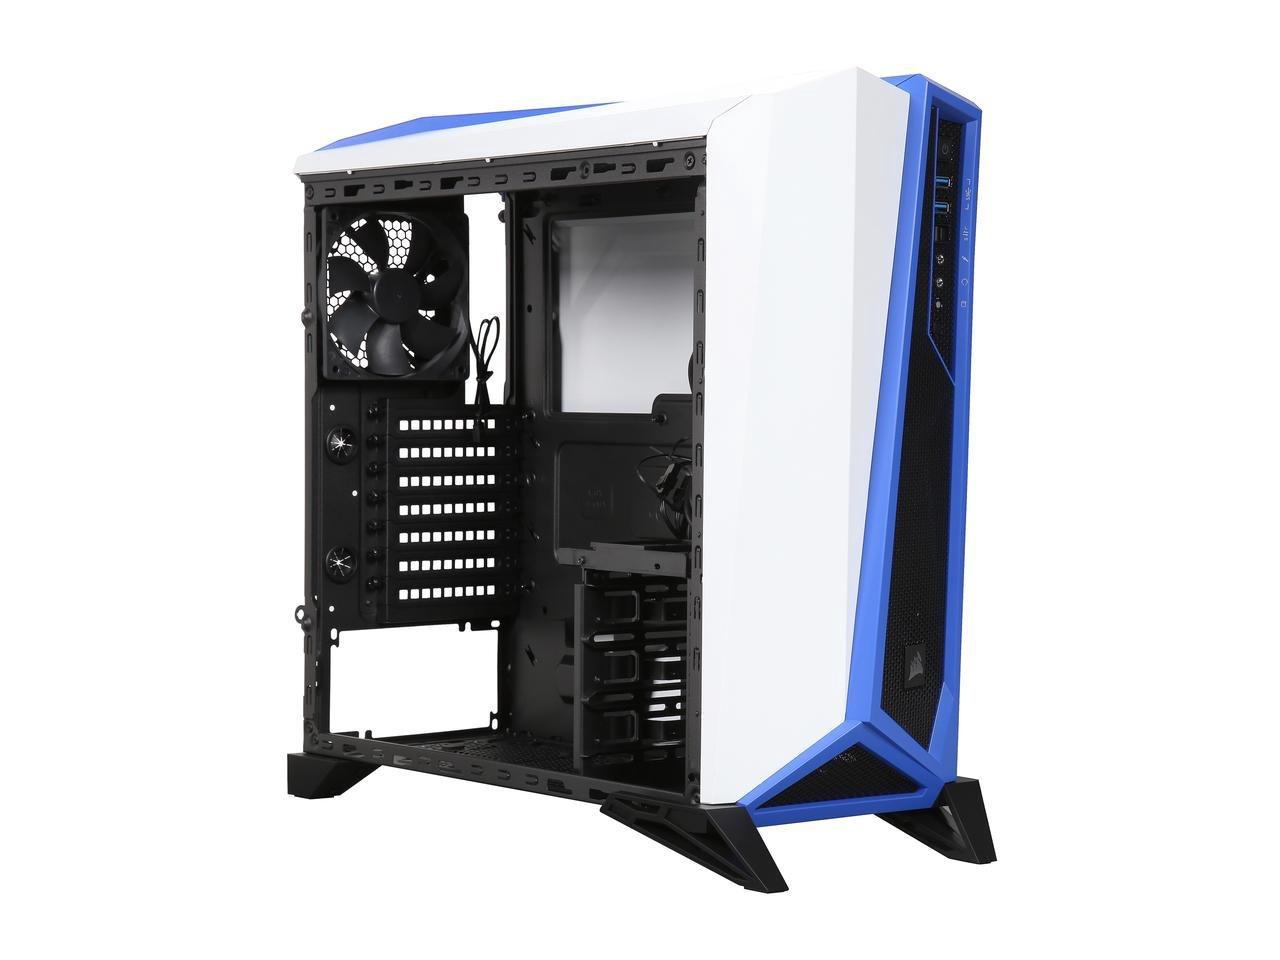 Corsair Carbide Spec Alpha Mid Tower Gaming Case Color Ssd 850 Evo 25ampquot Sata Iii 250gb Mz 75e250b Am White Blue Model Cc 9011093 Ww Computers Accessories